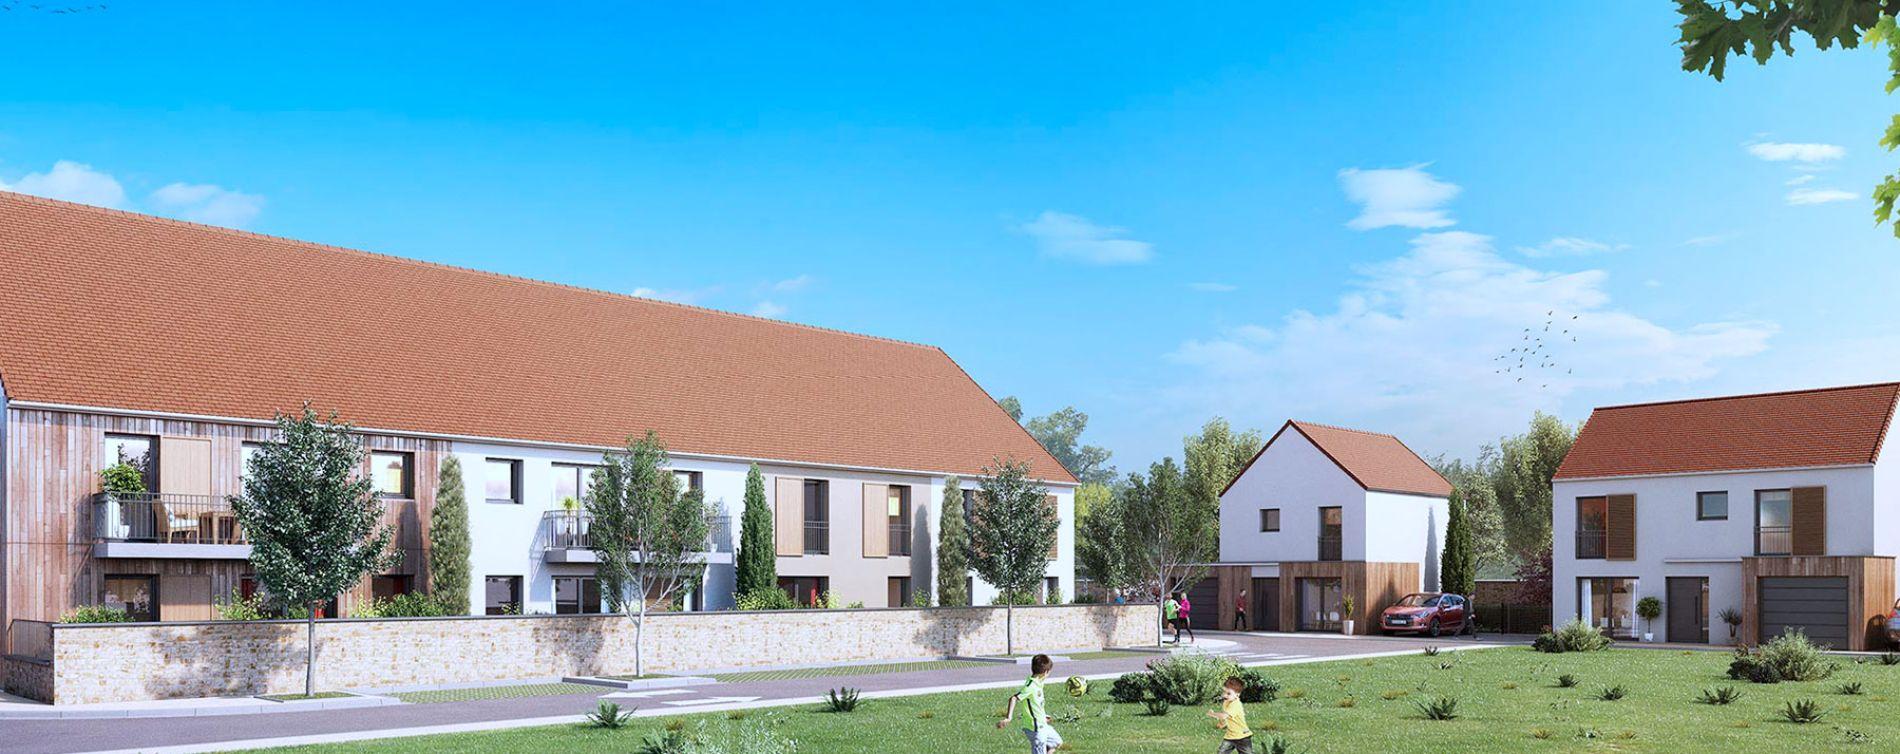 Mauchamps : programme immobilier neuve « Le Hameau de la Guérinière » (2)